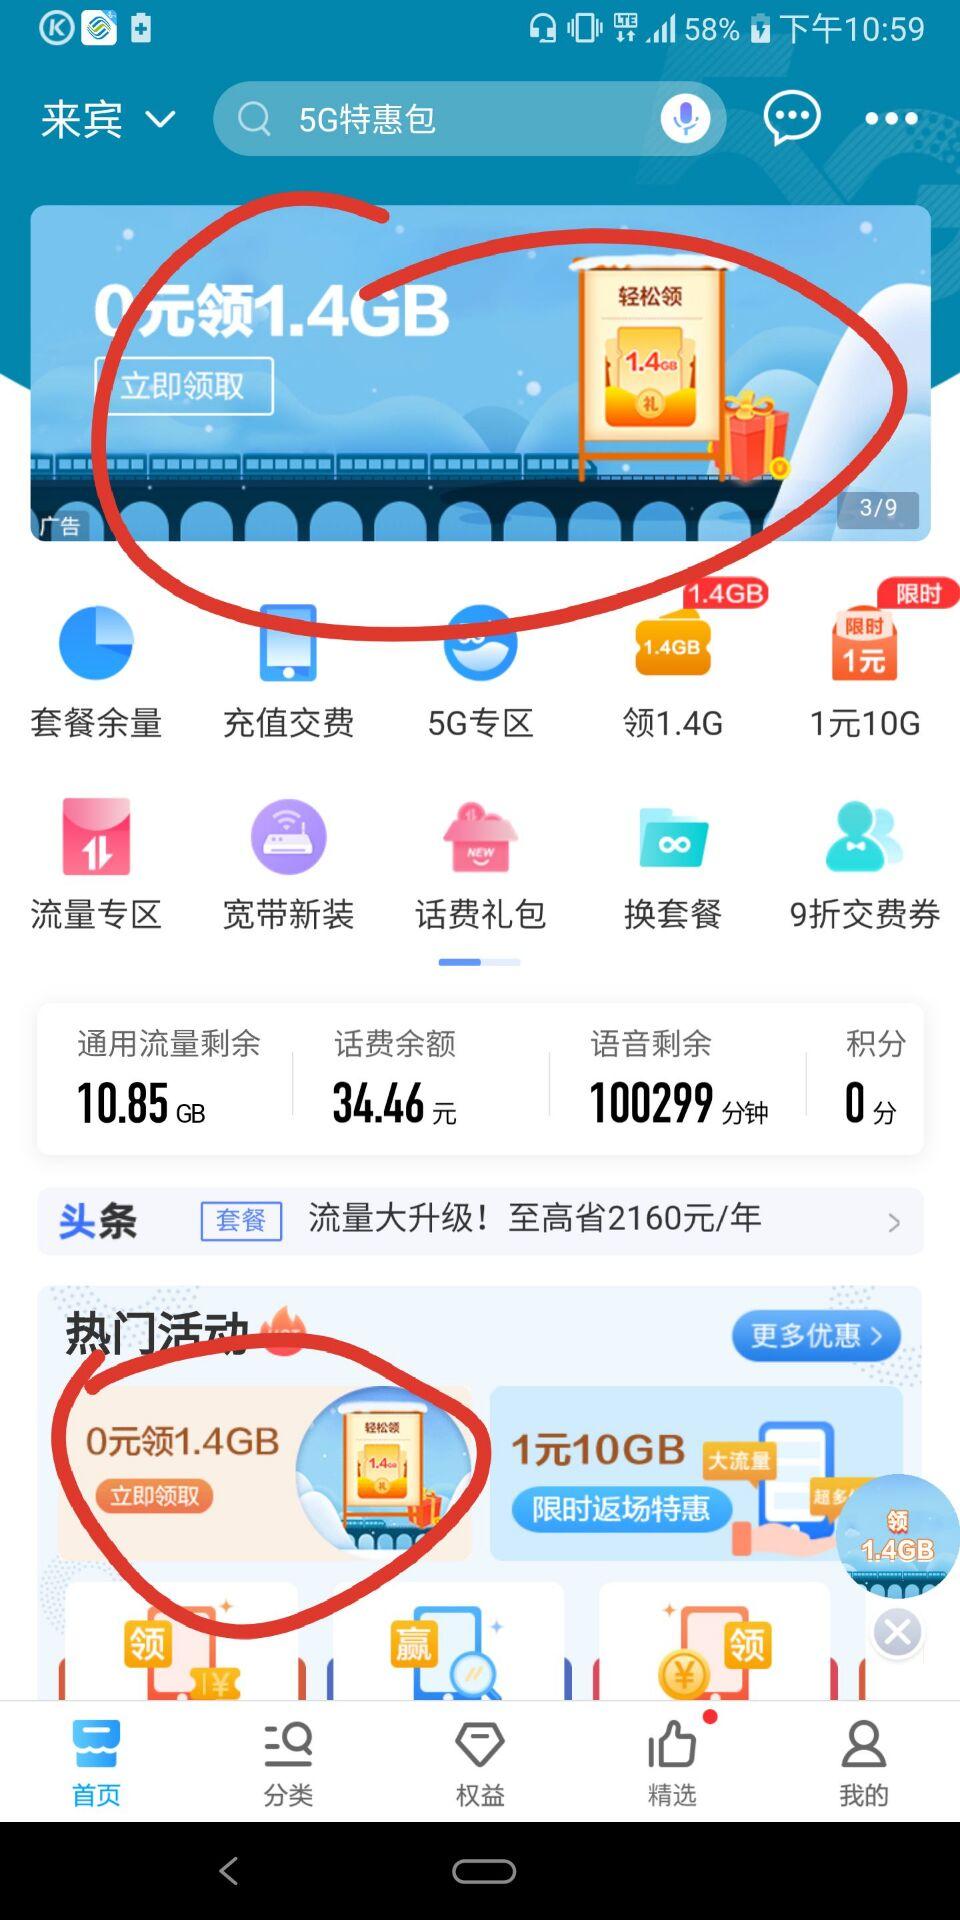 12月中国移动游园会领流量-聚合资源网